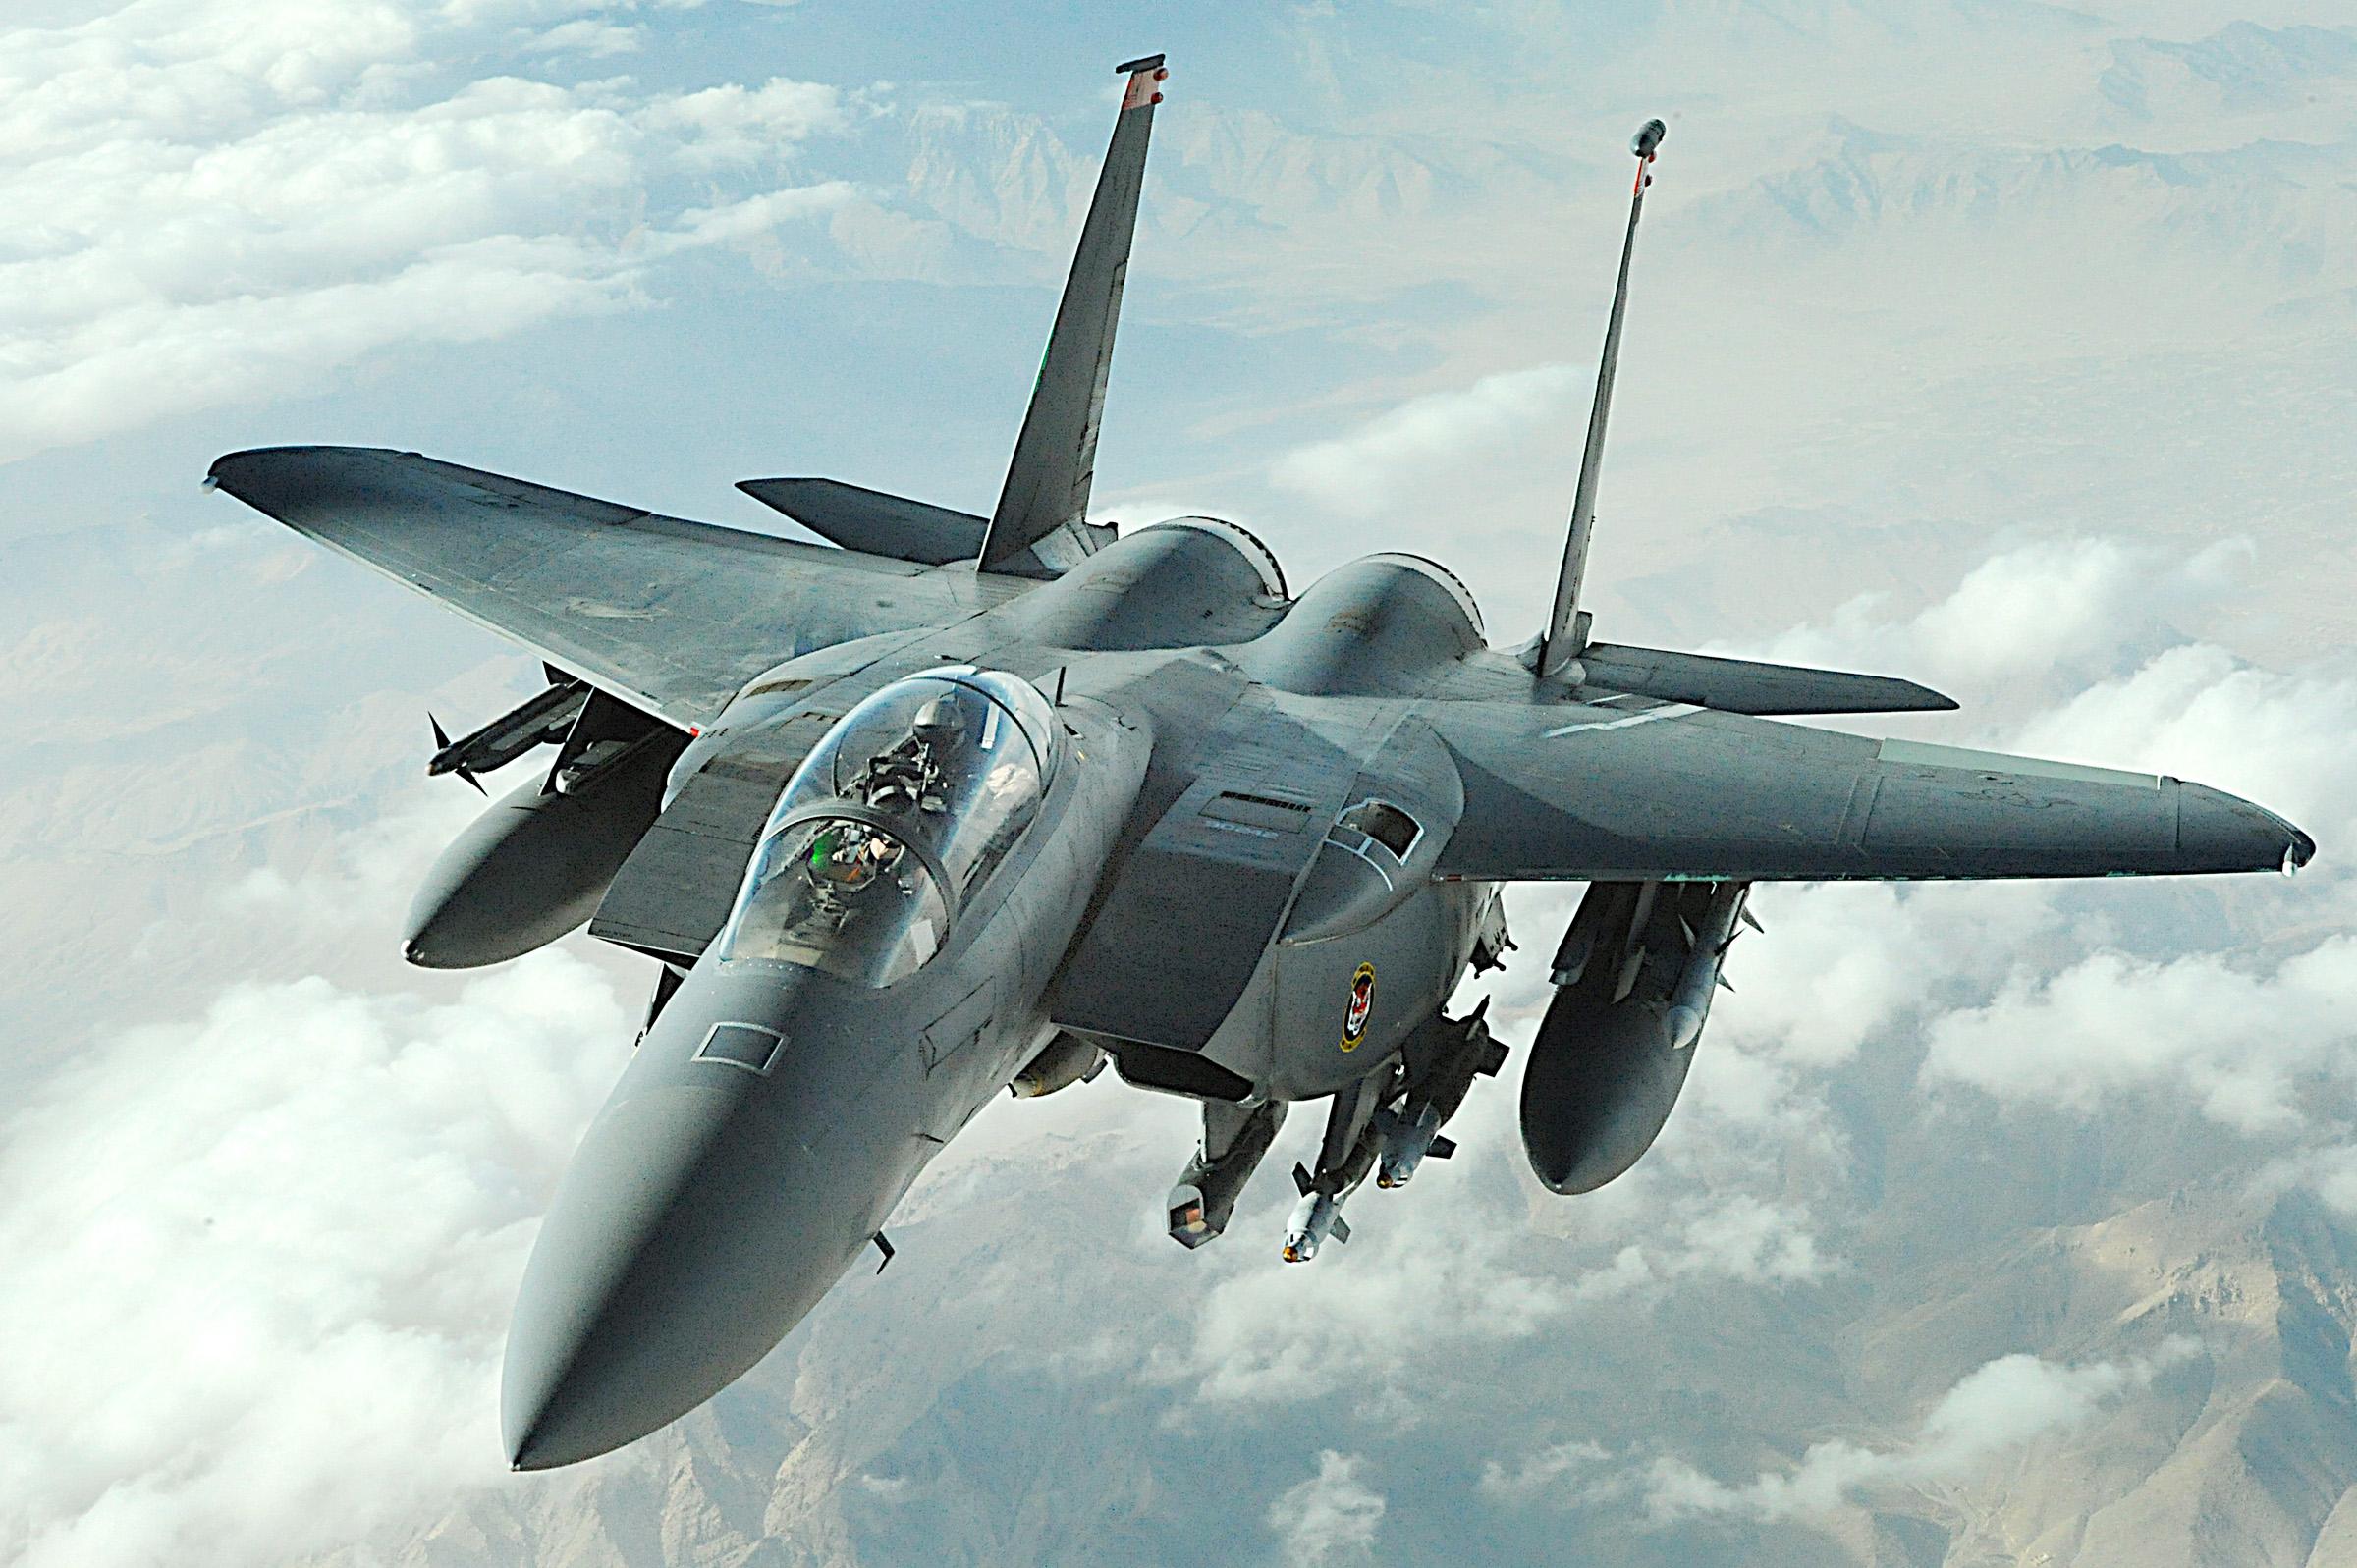 黑客花2天就成功入侵F-15戰機系統 美軍網絡安全漏洞百出